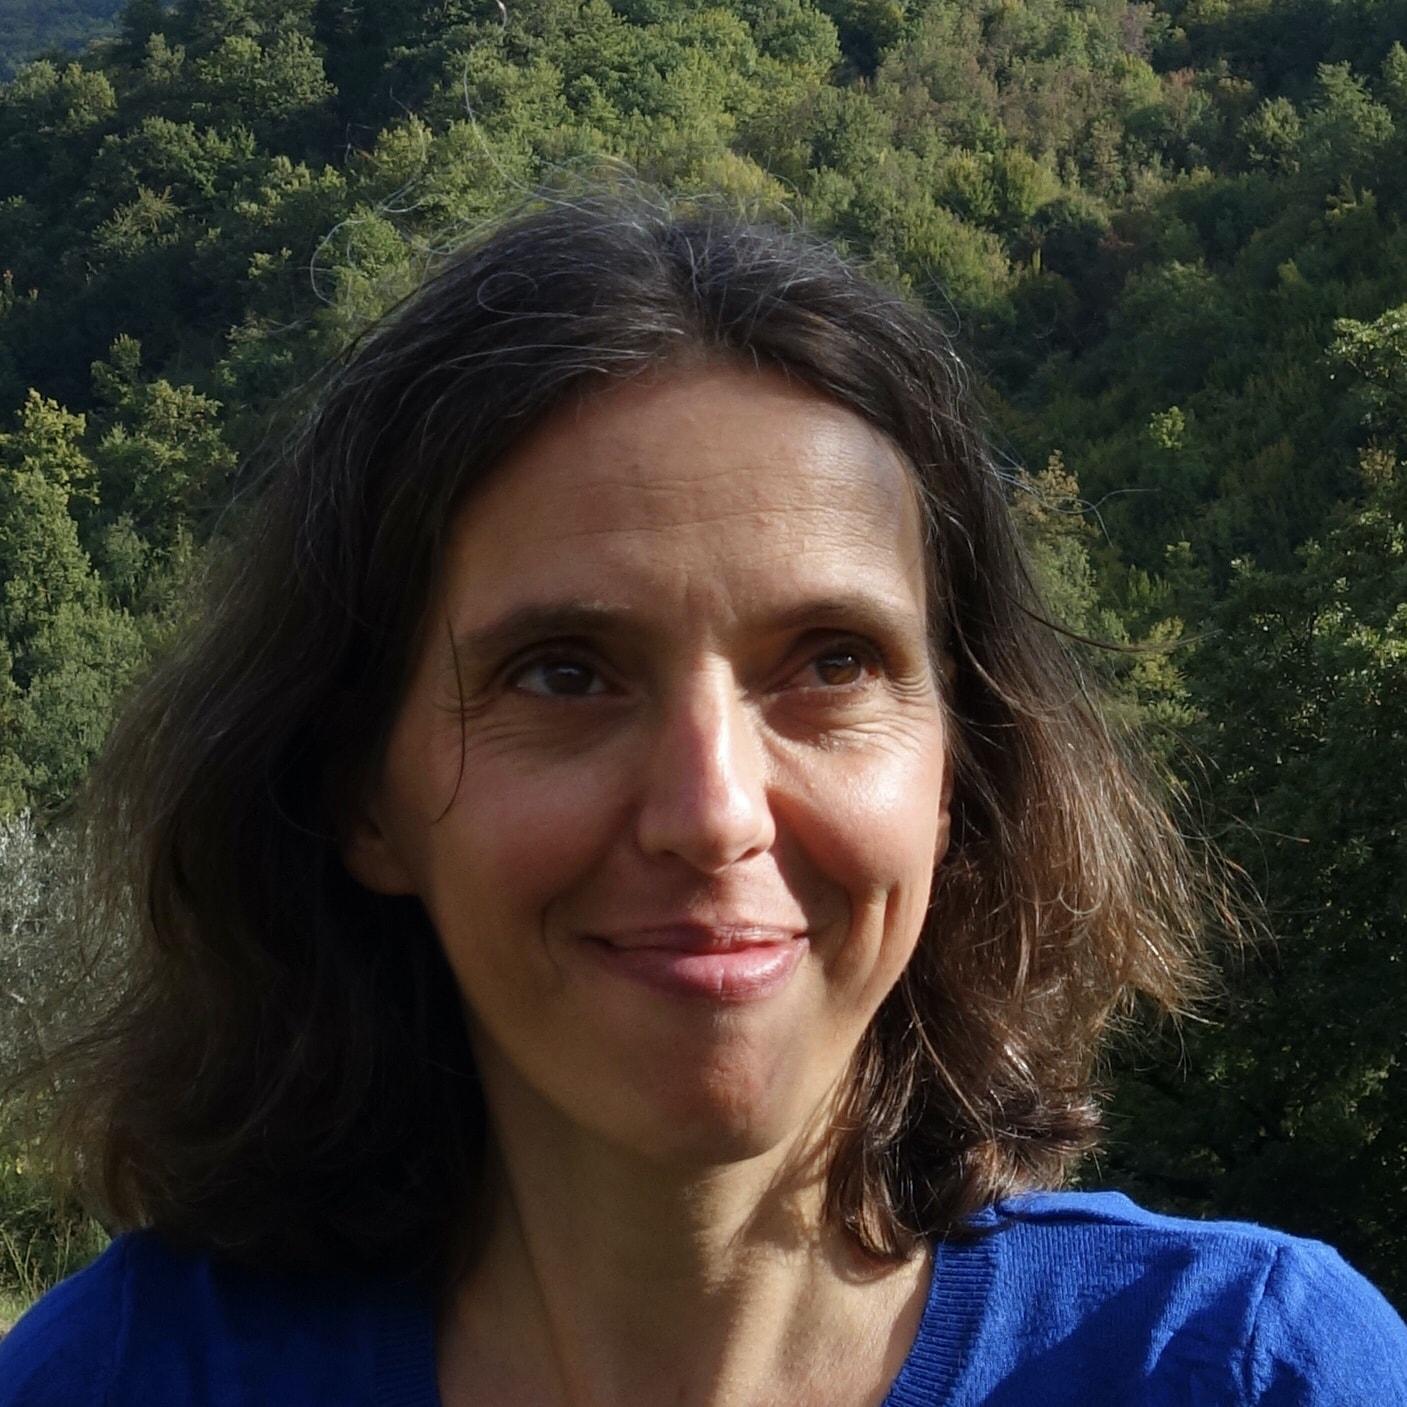 Sanda Stojkovic